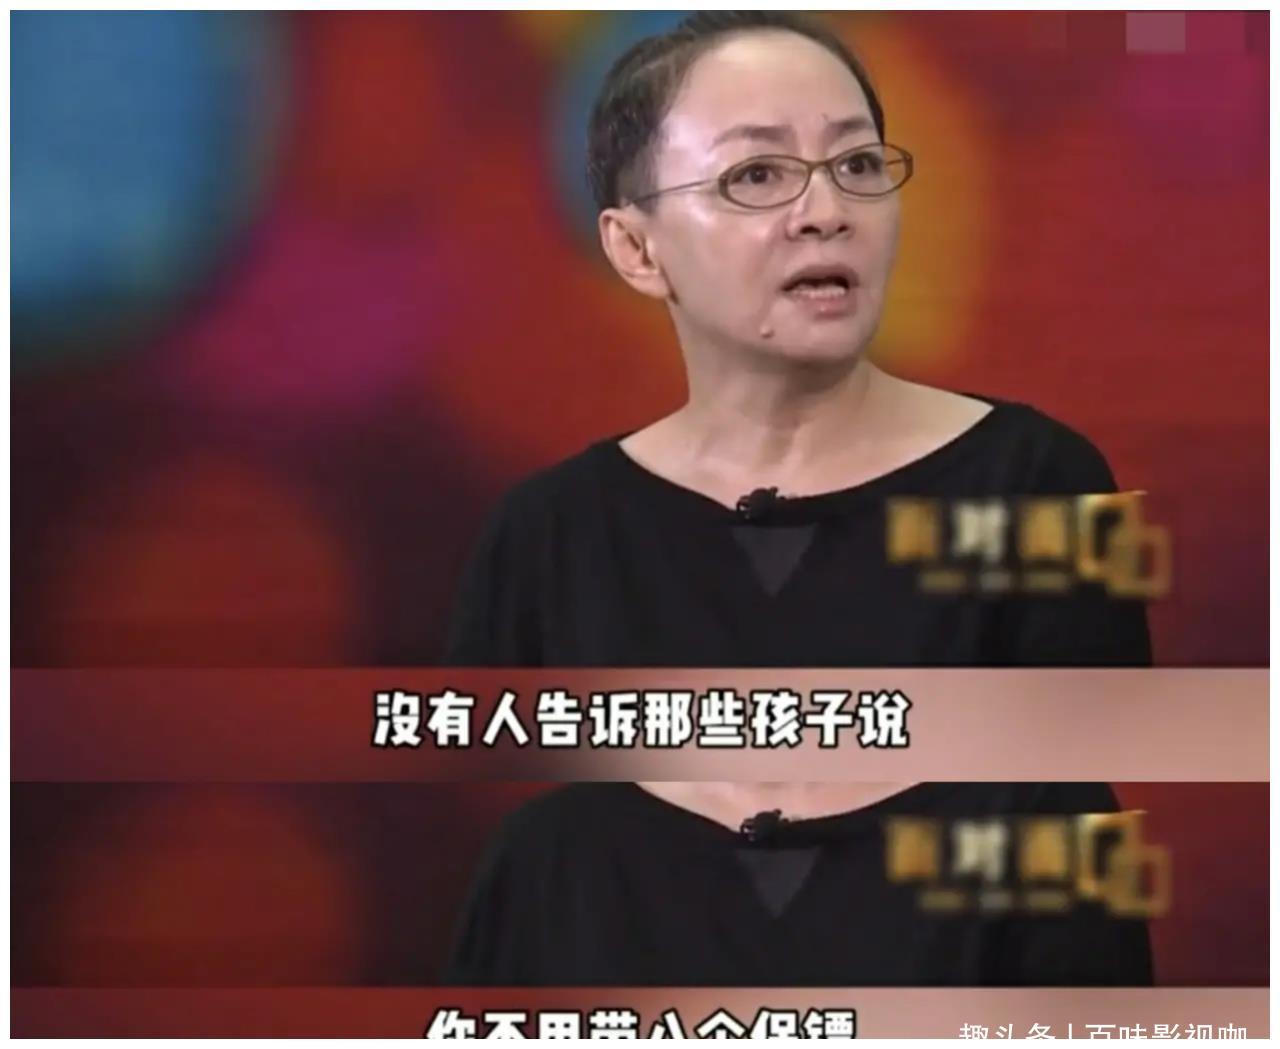 宋丹丹在采访中对年轻春晚明星说:你不用带8个保镖,更没必要装